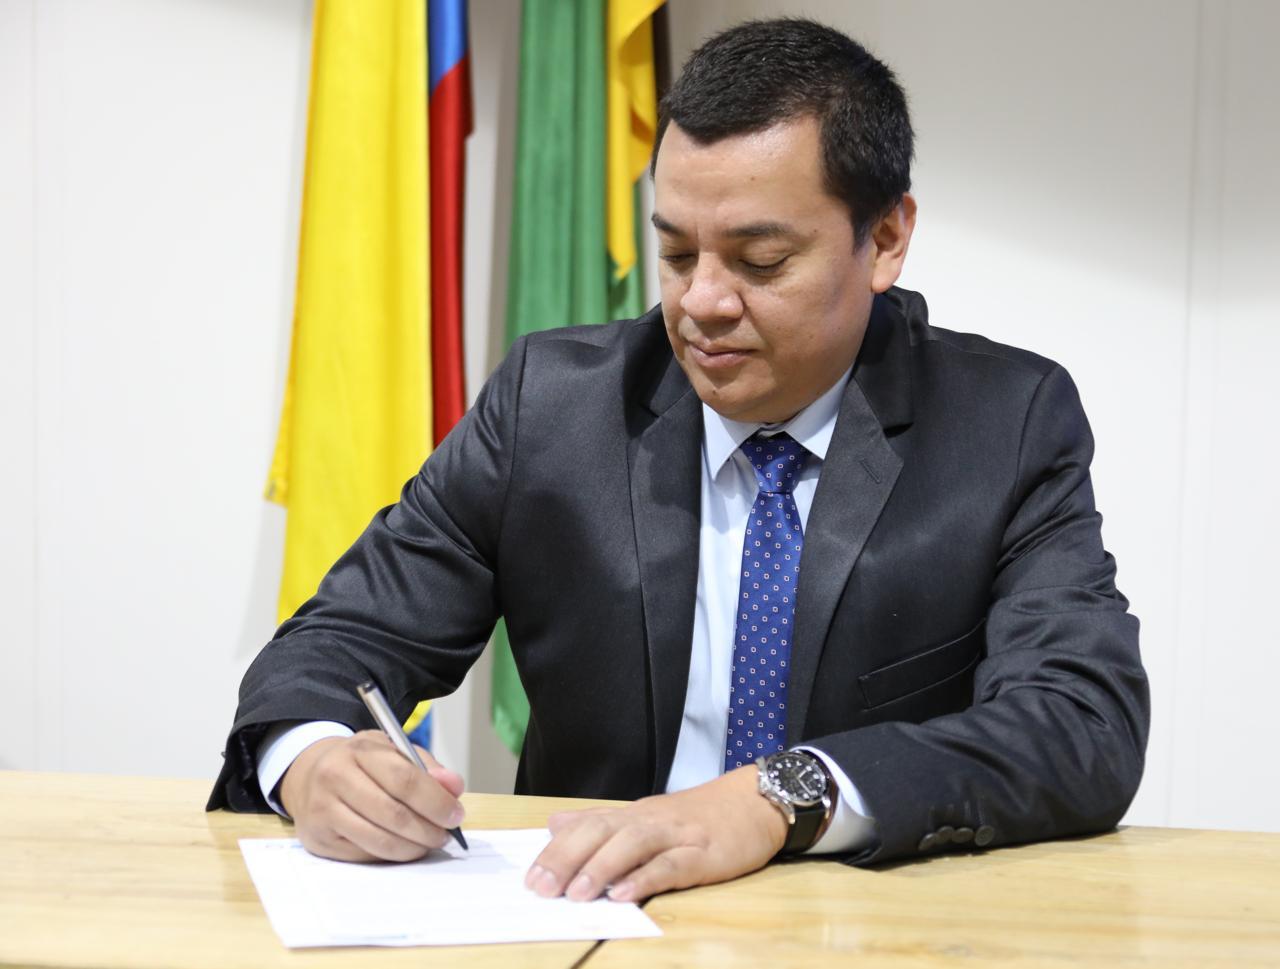 Luis Alejandro Trejos Ruiz es el nuevo director en propiedad del SENA Caldas